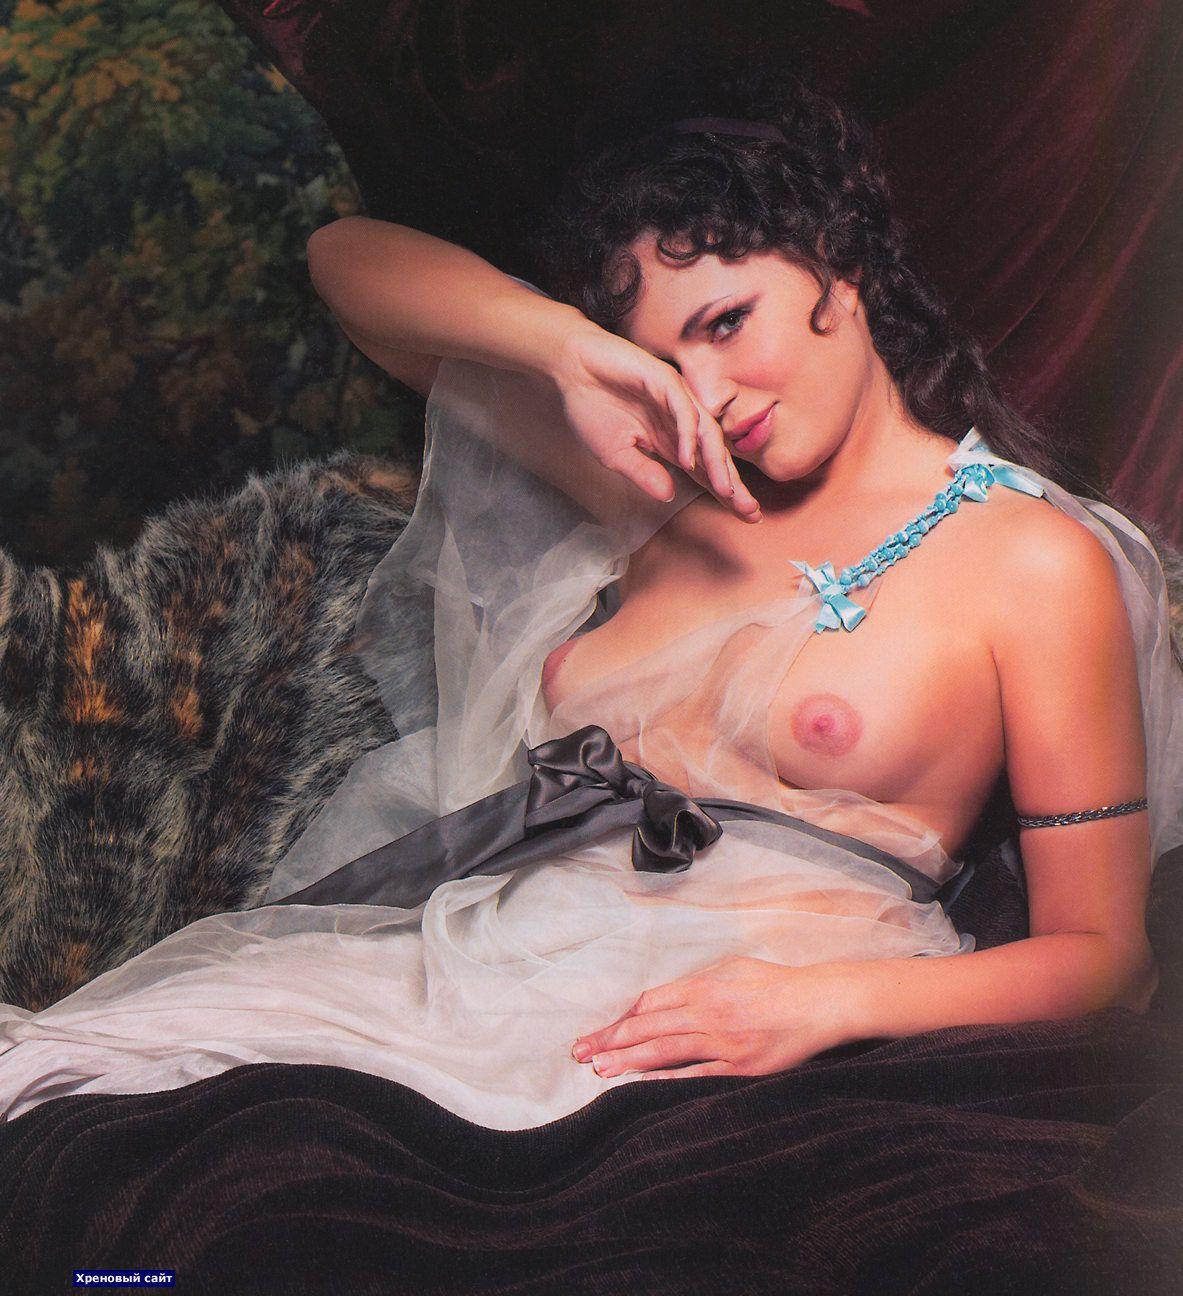 Эротические фото артистов эстрады 8 фотография